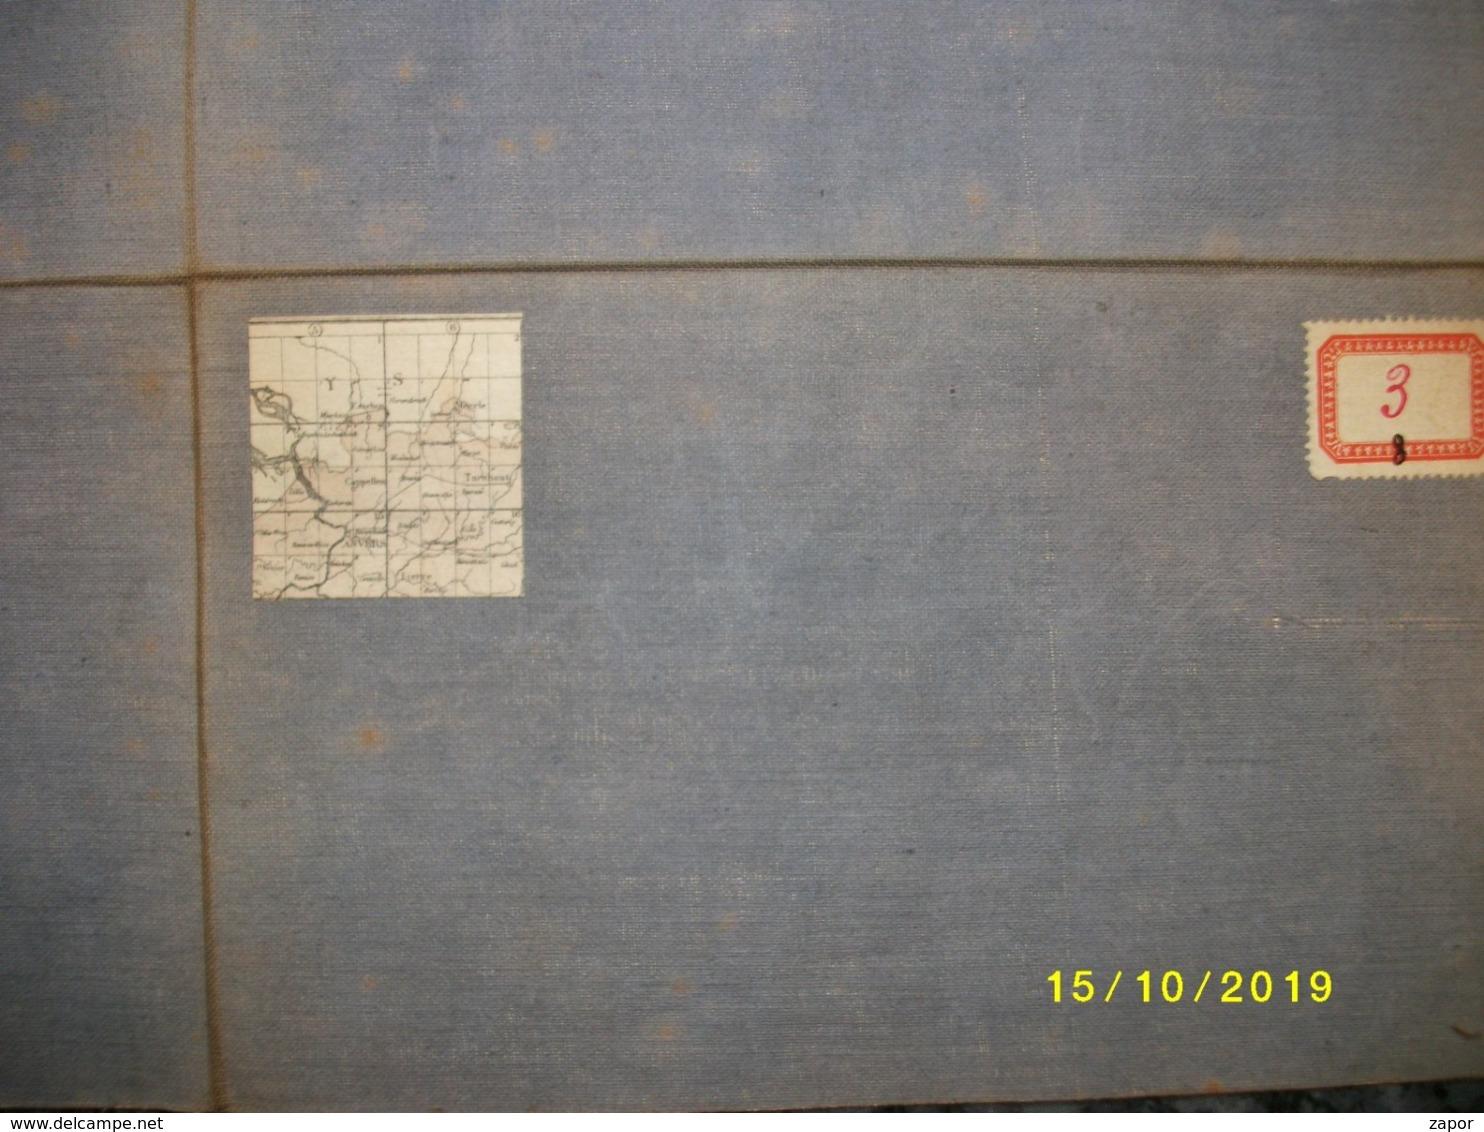 Topografische / Stafkaart Van Noord Antwerpen (Turnhout - Herentals - Essen - Meerle) - Topographical Maps